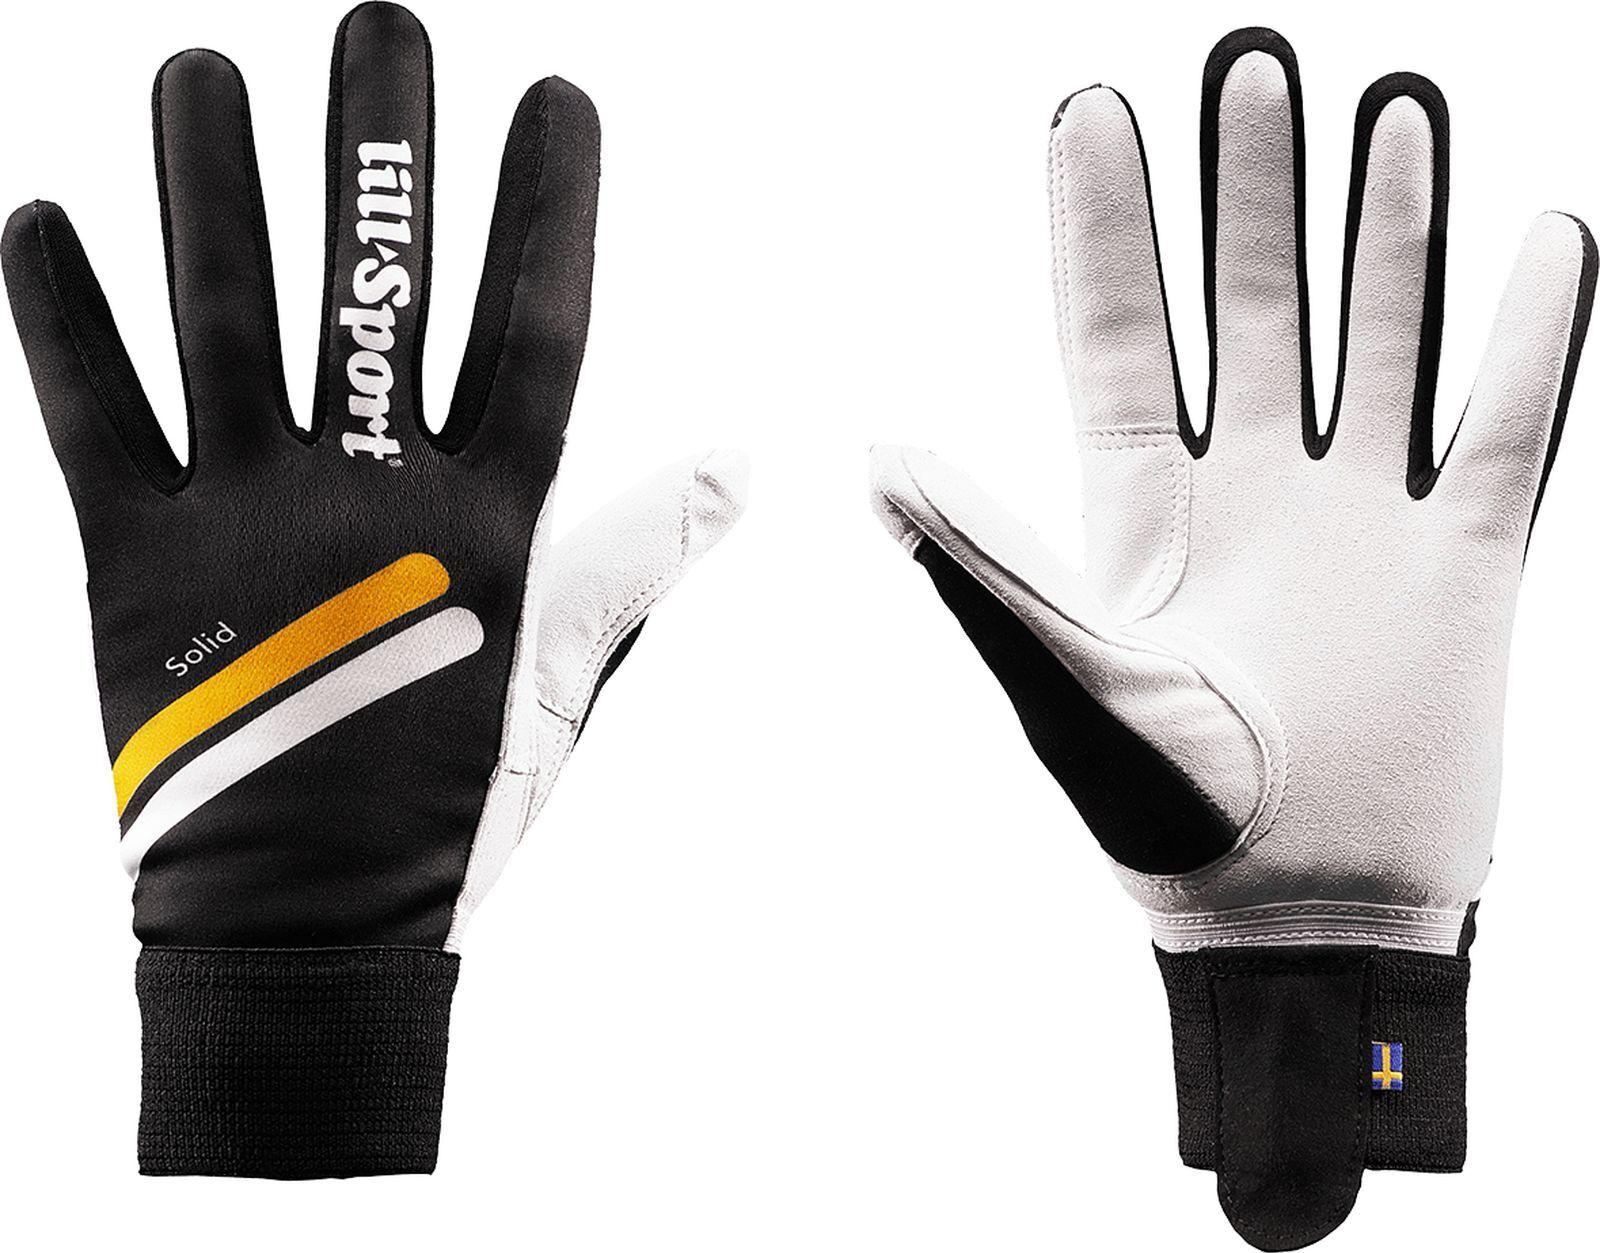 Перчатки лыжные Lillsport Solid, 0682/00, черный, размер 11